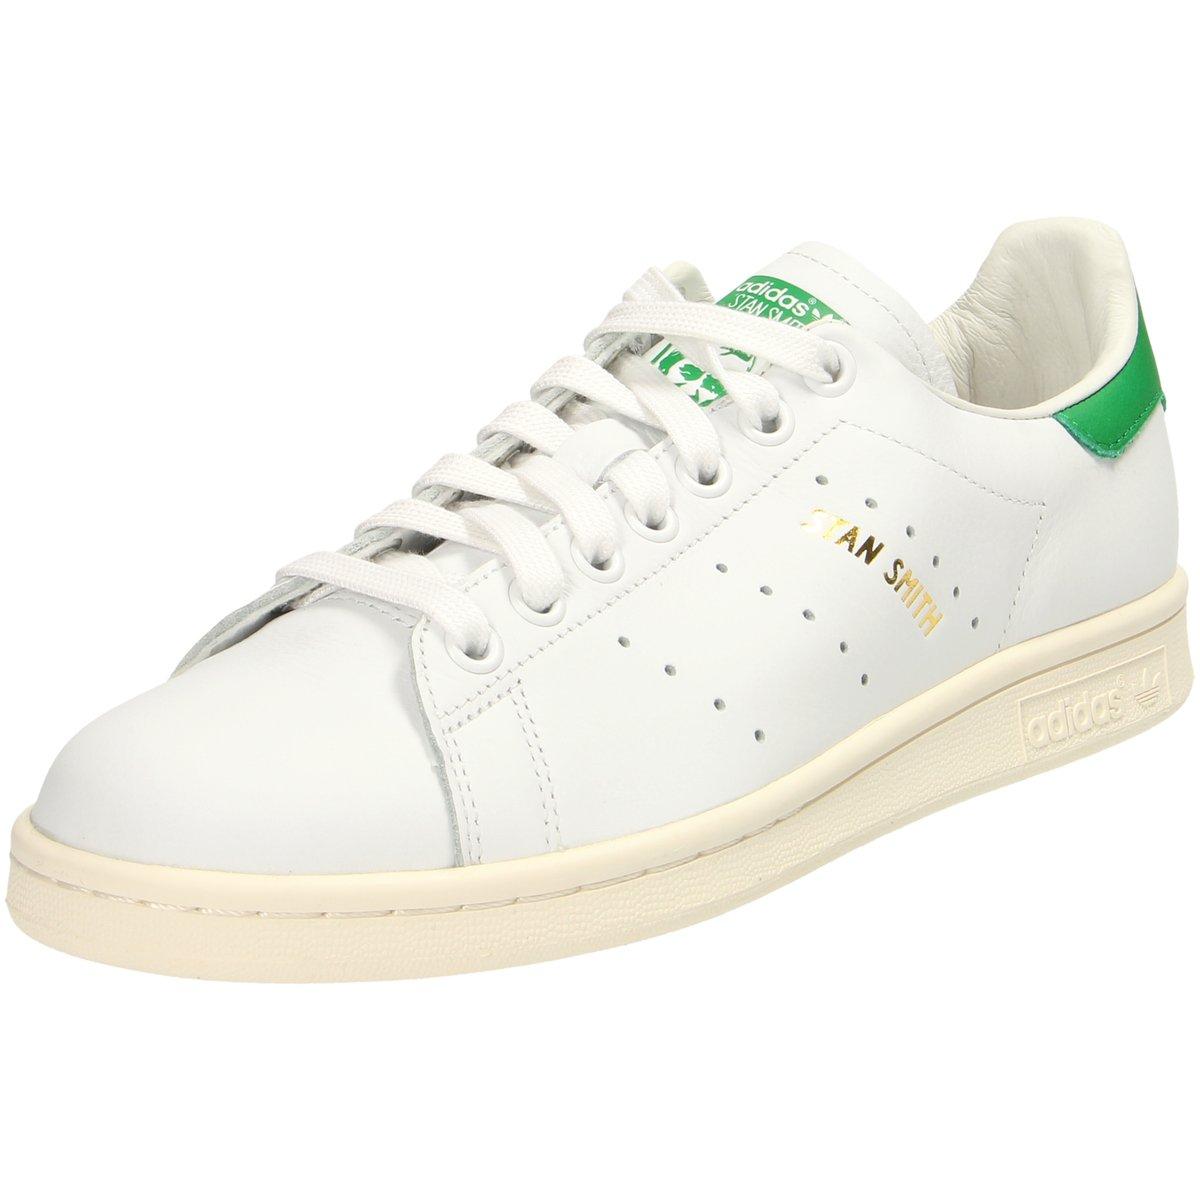 Details zu #S2K adidas Originals Damen Sneaker Stan Smith Sneaker S75074 weiß 148671